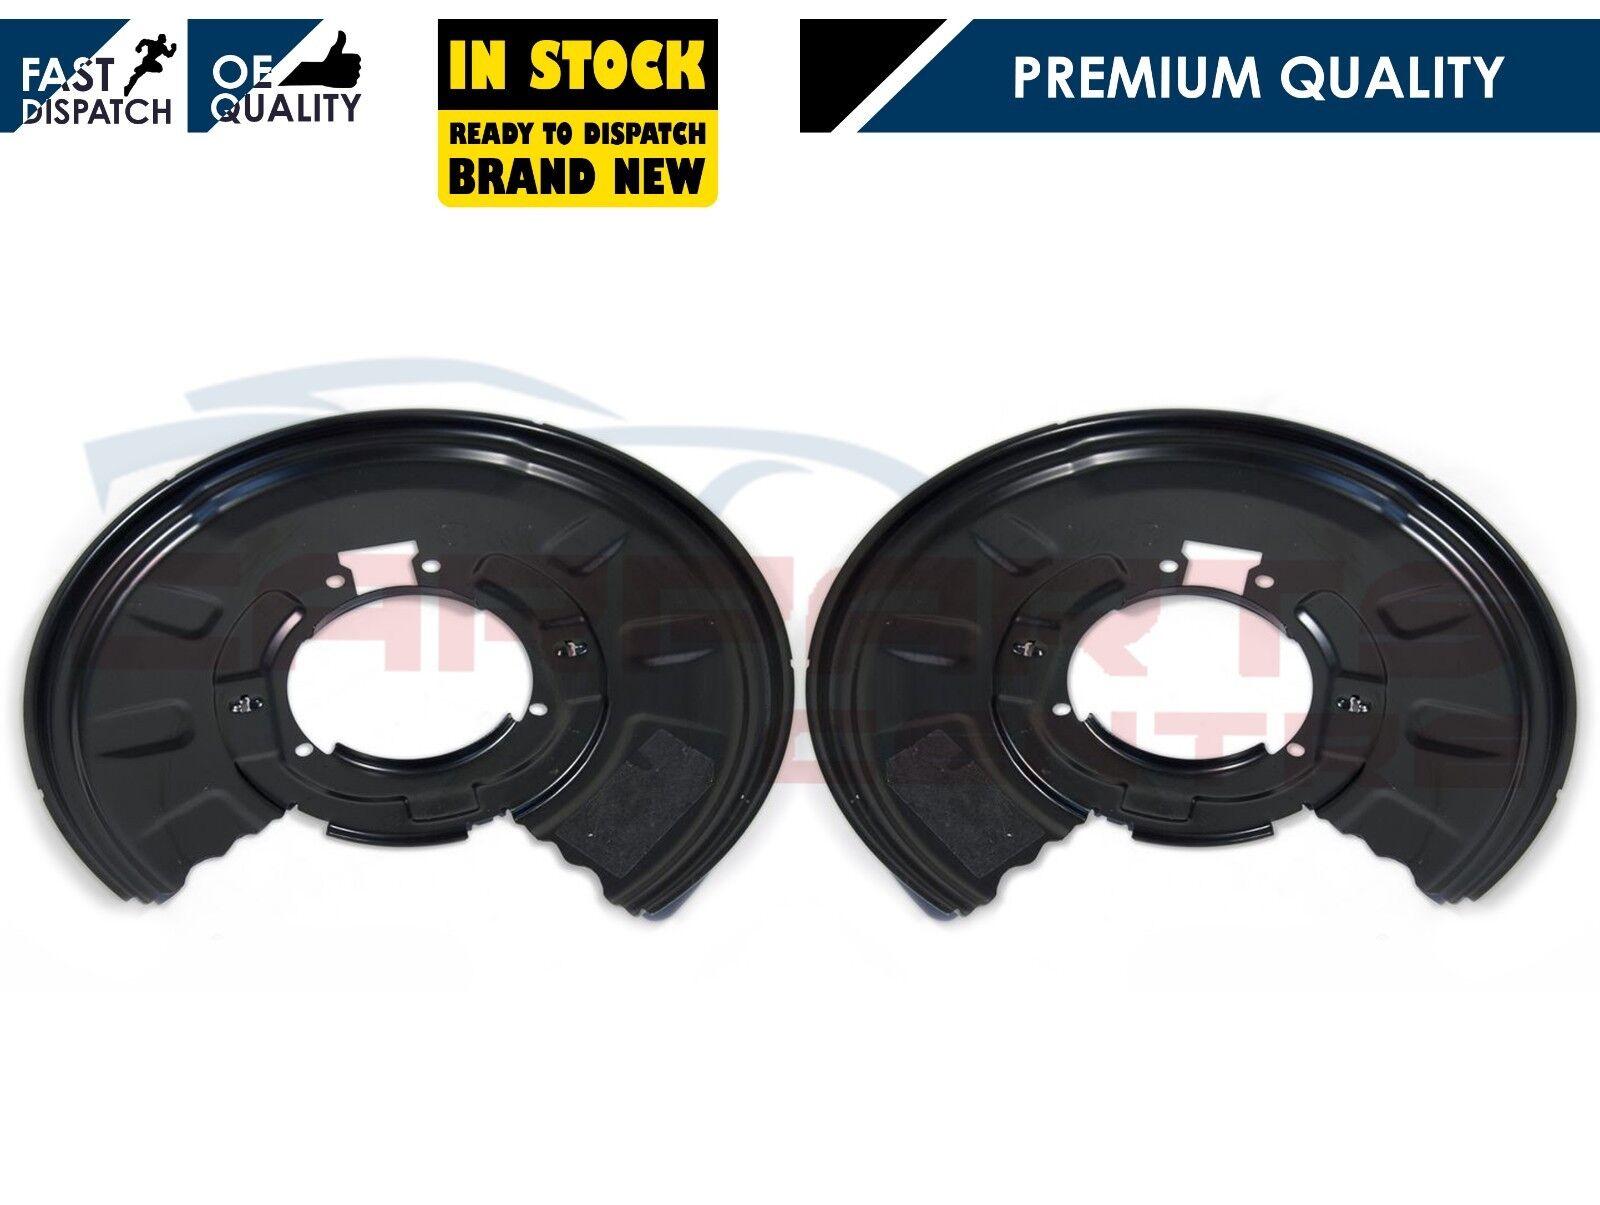 Estate NEW BMW 330 Xd 3.0 TD Front Rear Brake Pads Discs Set 325mm 320mm 200 00